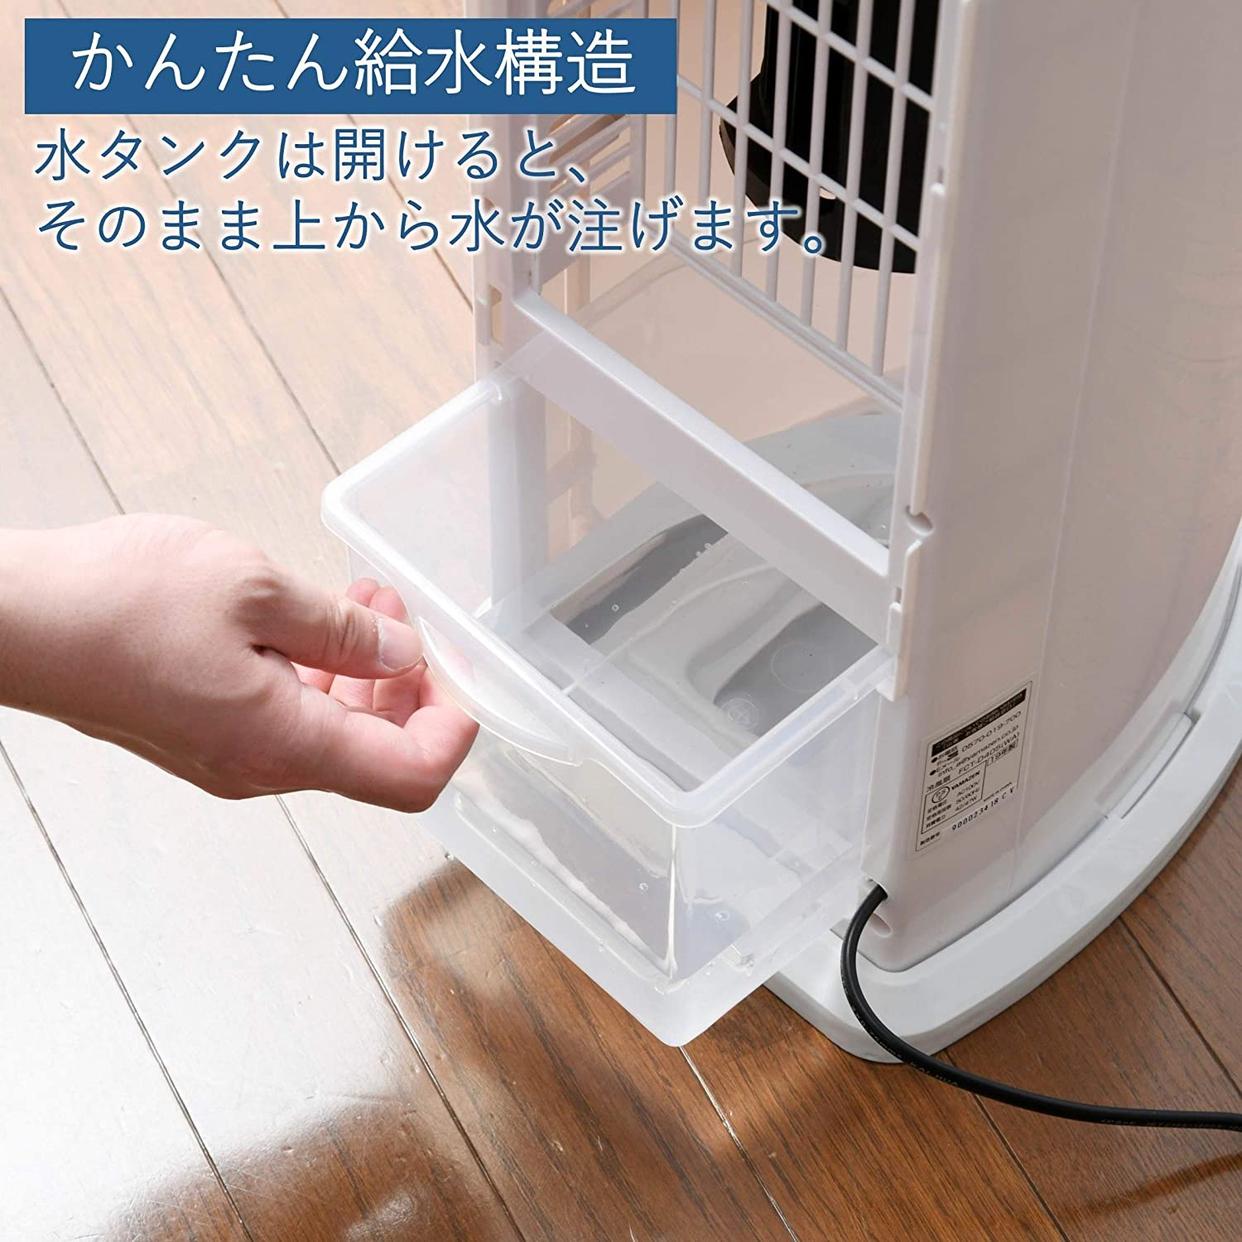 山善(YAMAZEN) 冷風扇 FCR-D405の商品画像6